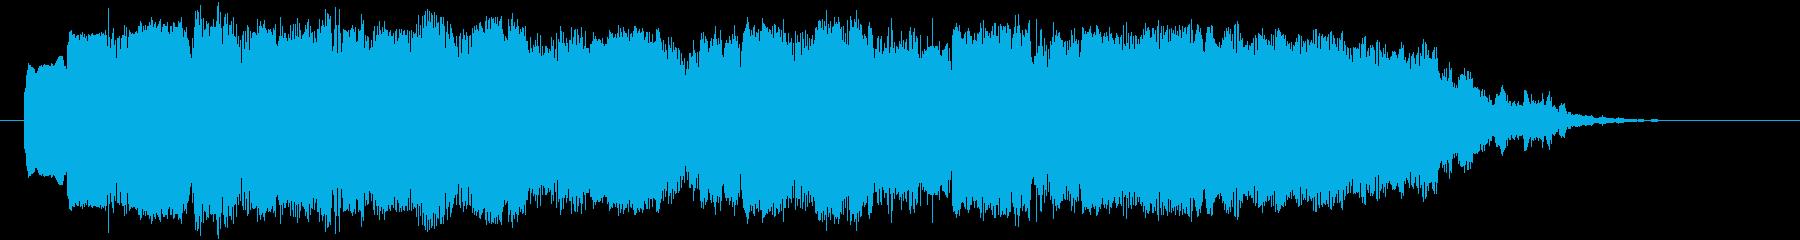 二胡(中国の民族楽器)を使用したロゴの再生済みの波形